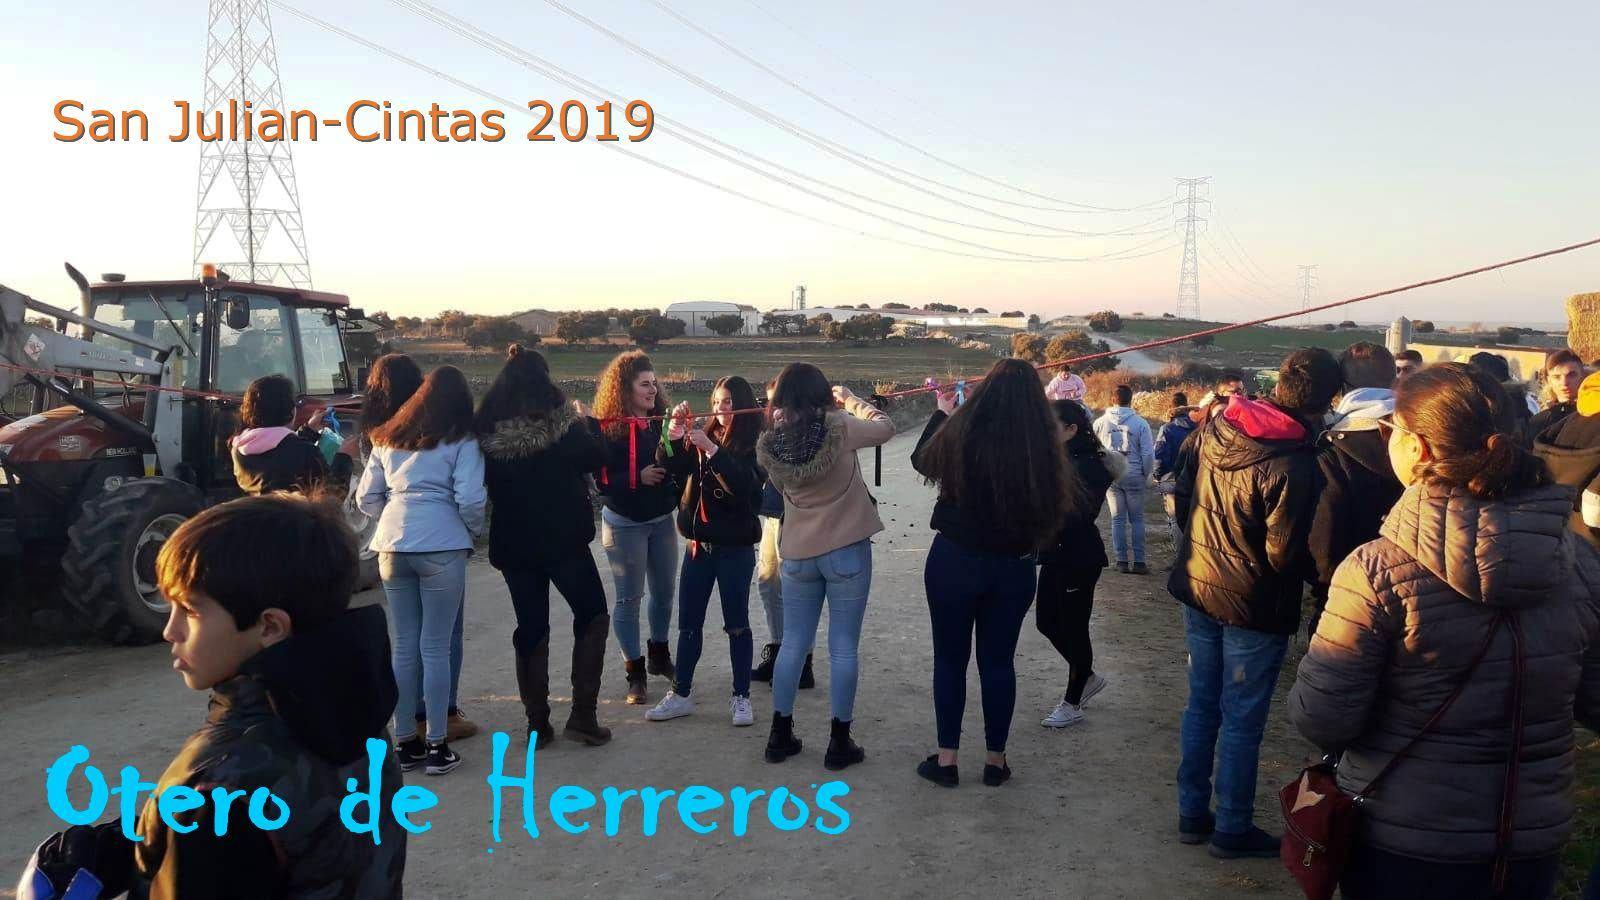 San julian cintas 2019 (41)